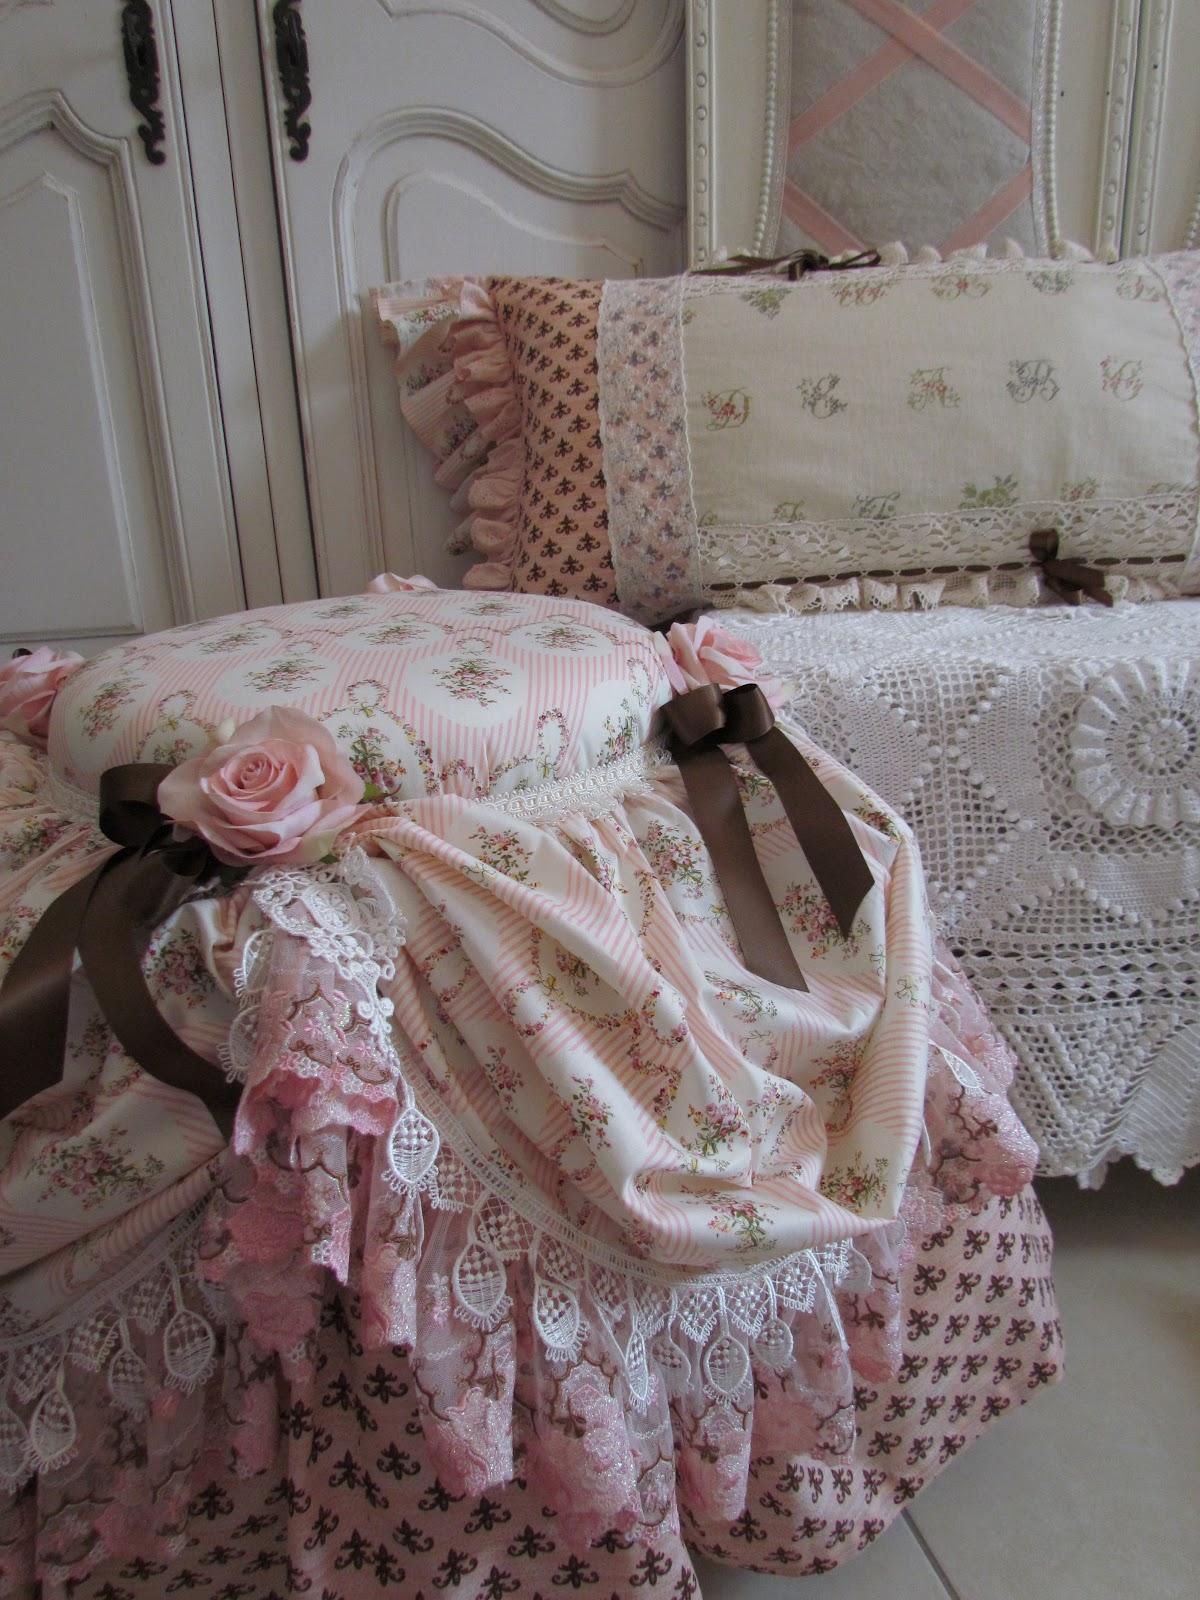 http://3.bp.blogspot.com/-vpXqkwyIRJ4/T-MSgDyFPjI/AAAAAAAAD5o/ICojOmPloJ4/s1600/two+boudoir+seats+004.JPG